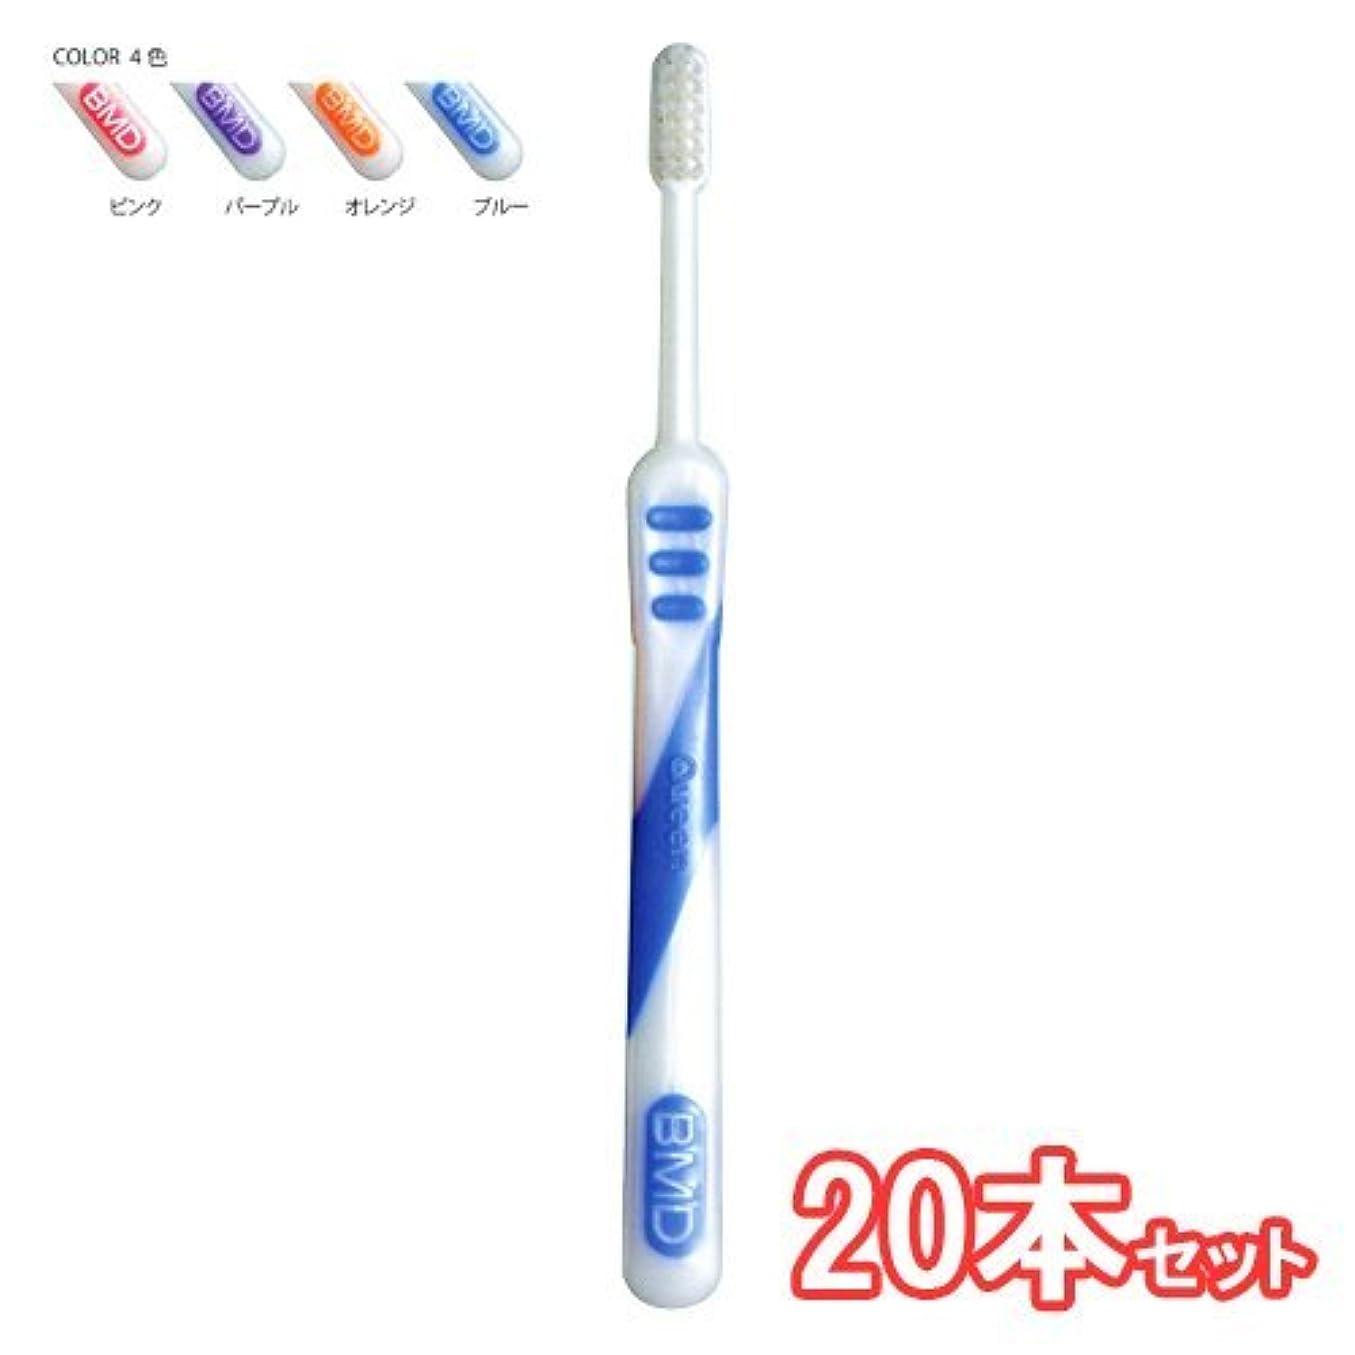 驚かす科学者評価するビーブランド ビークイーン 歯ブラシ 20本入 105